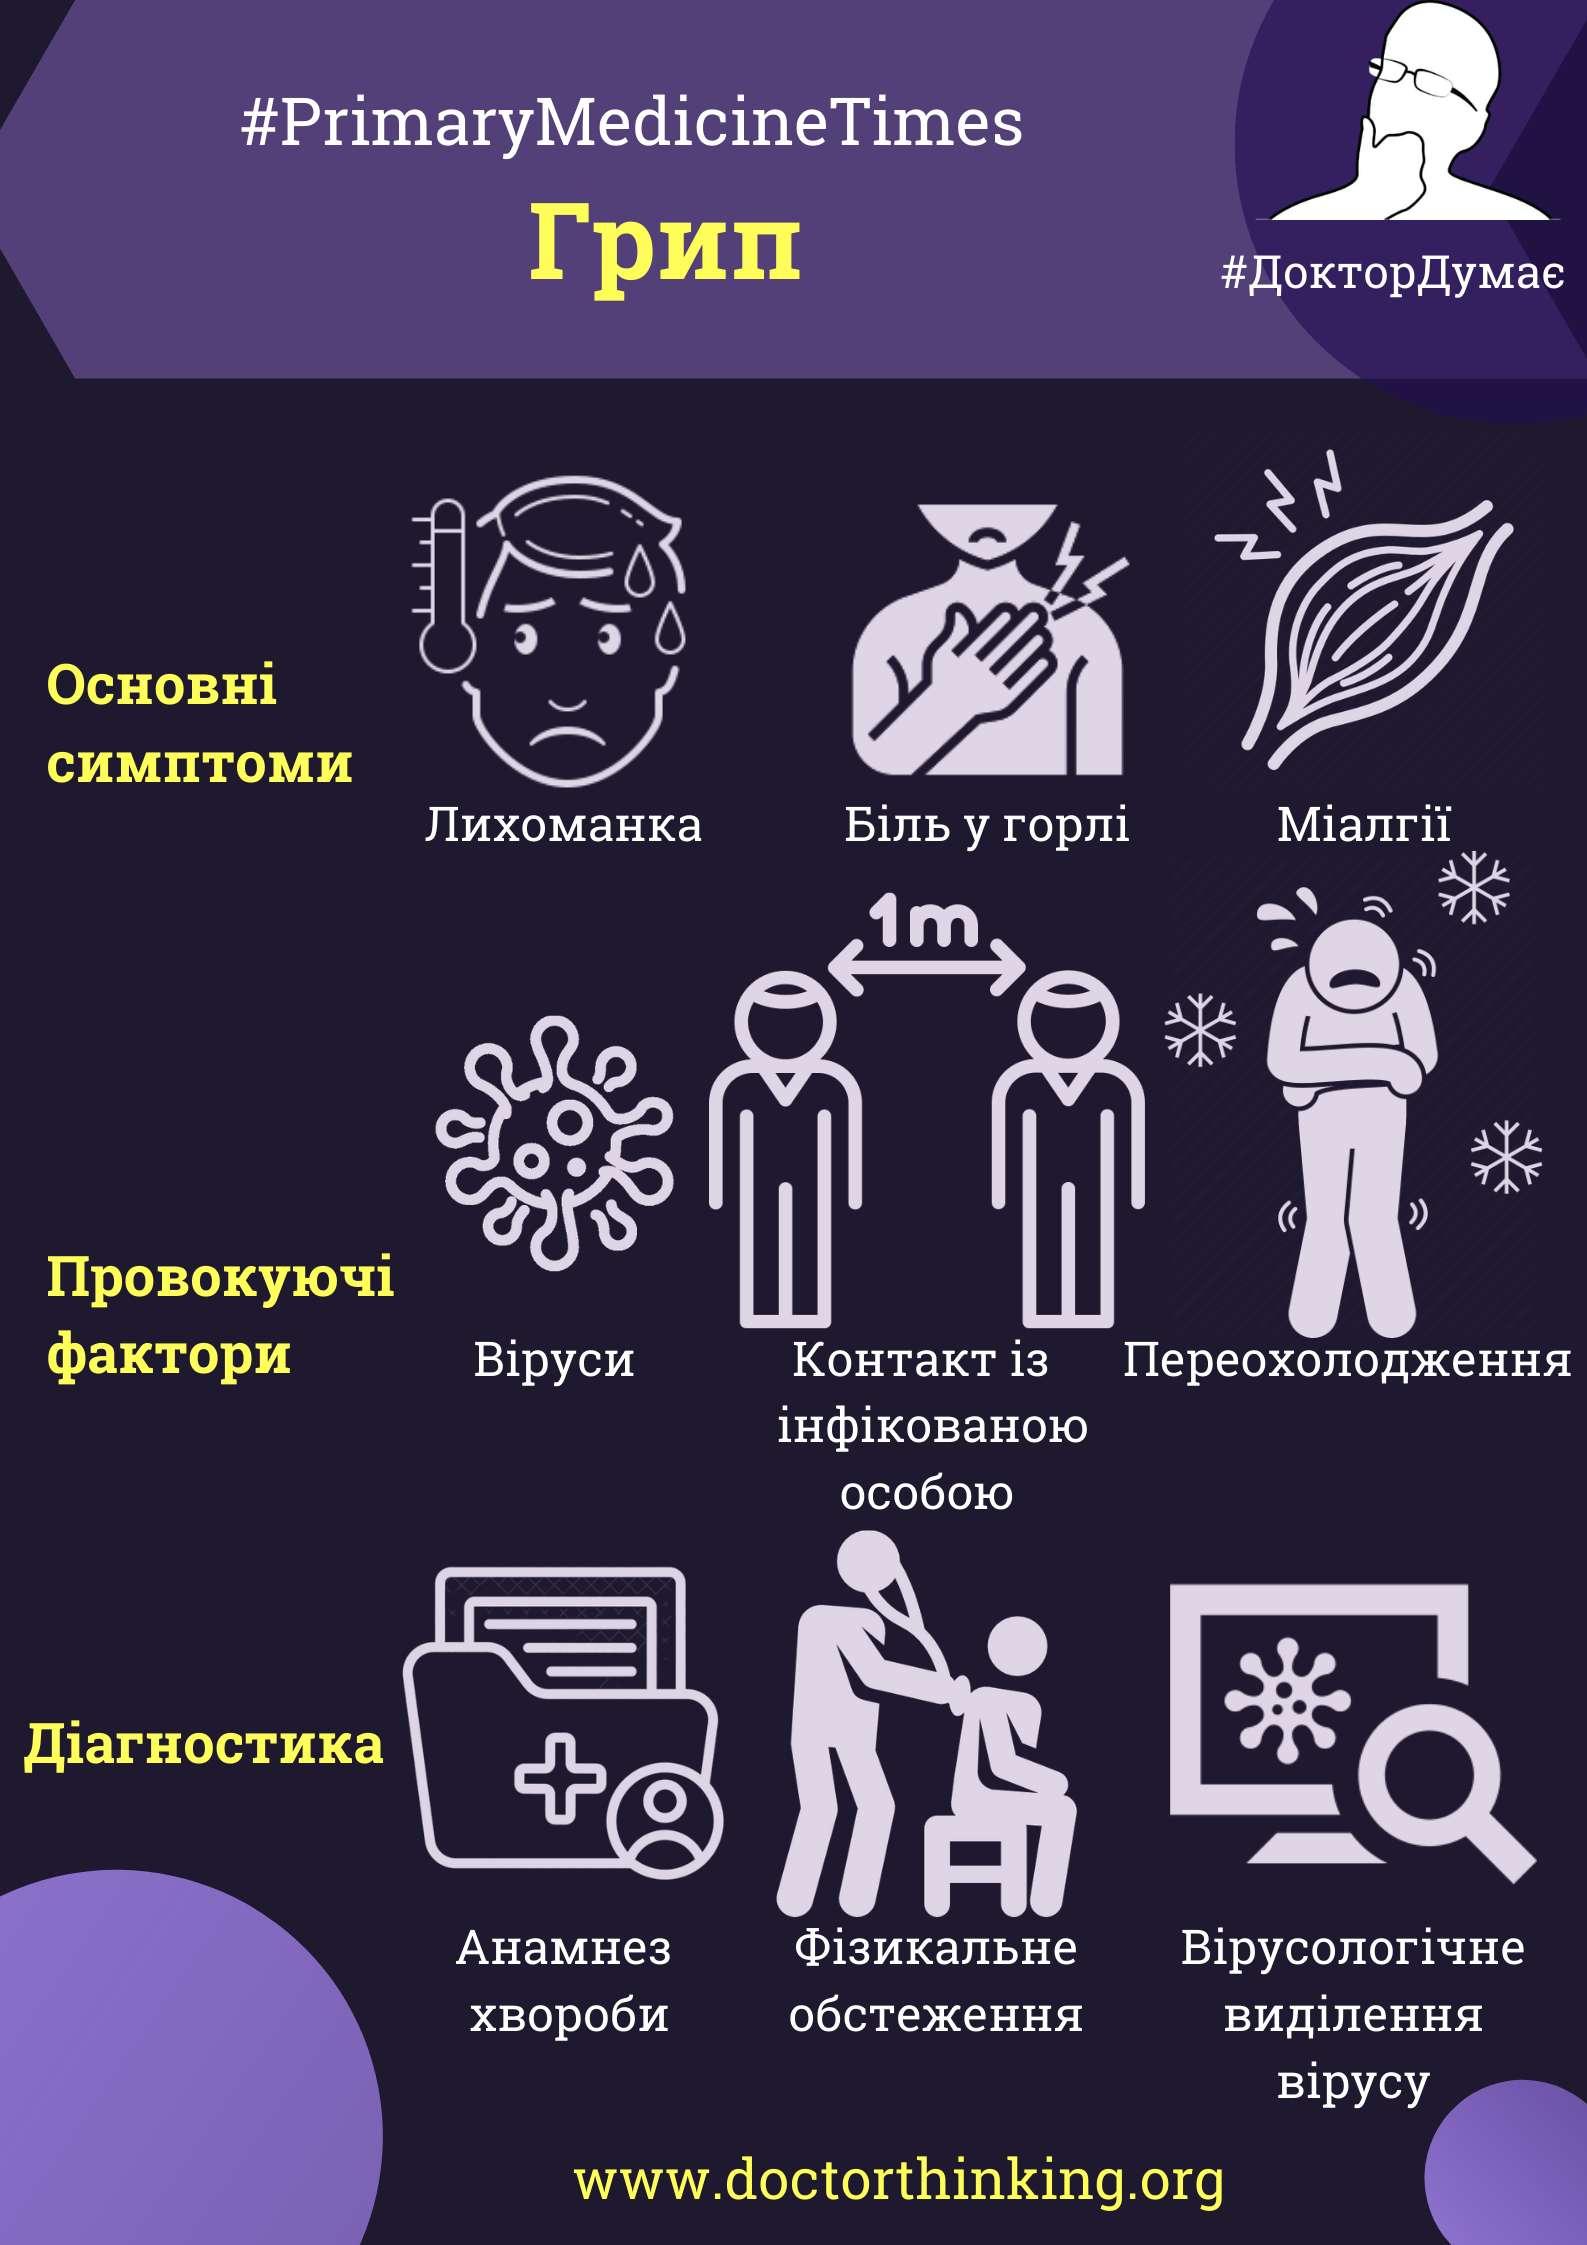 Основні симптоми та діагностика грипу